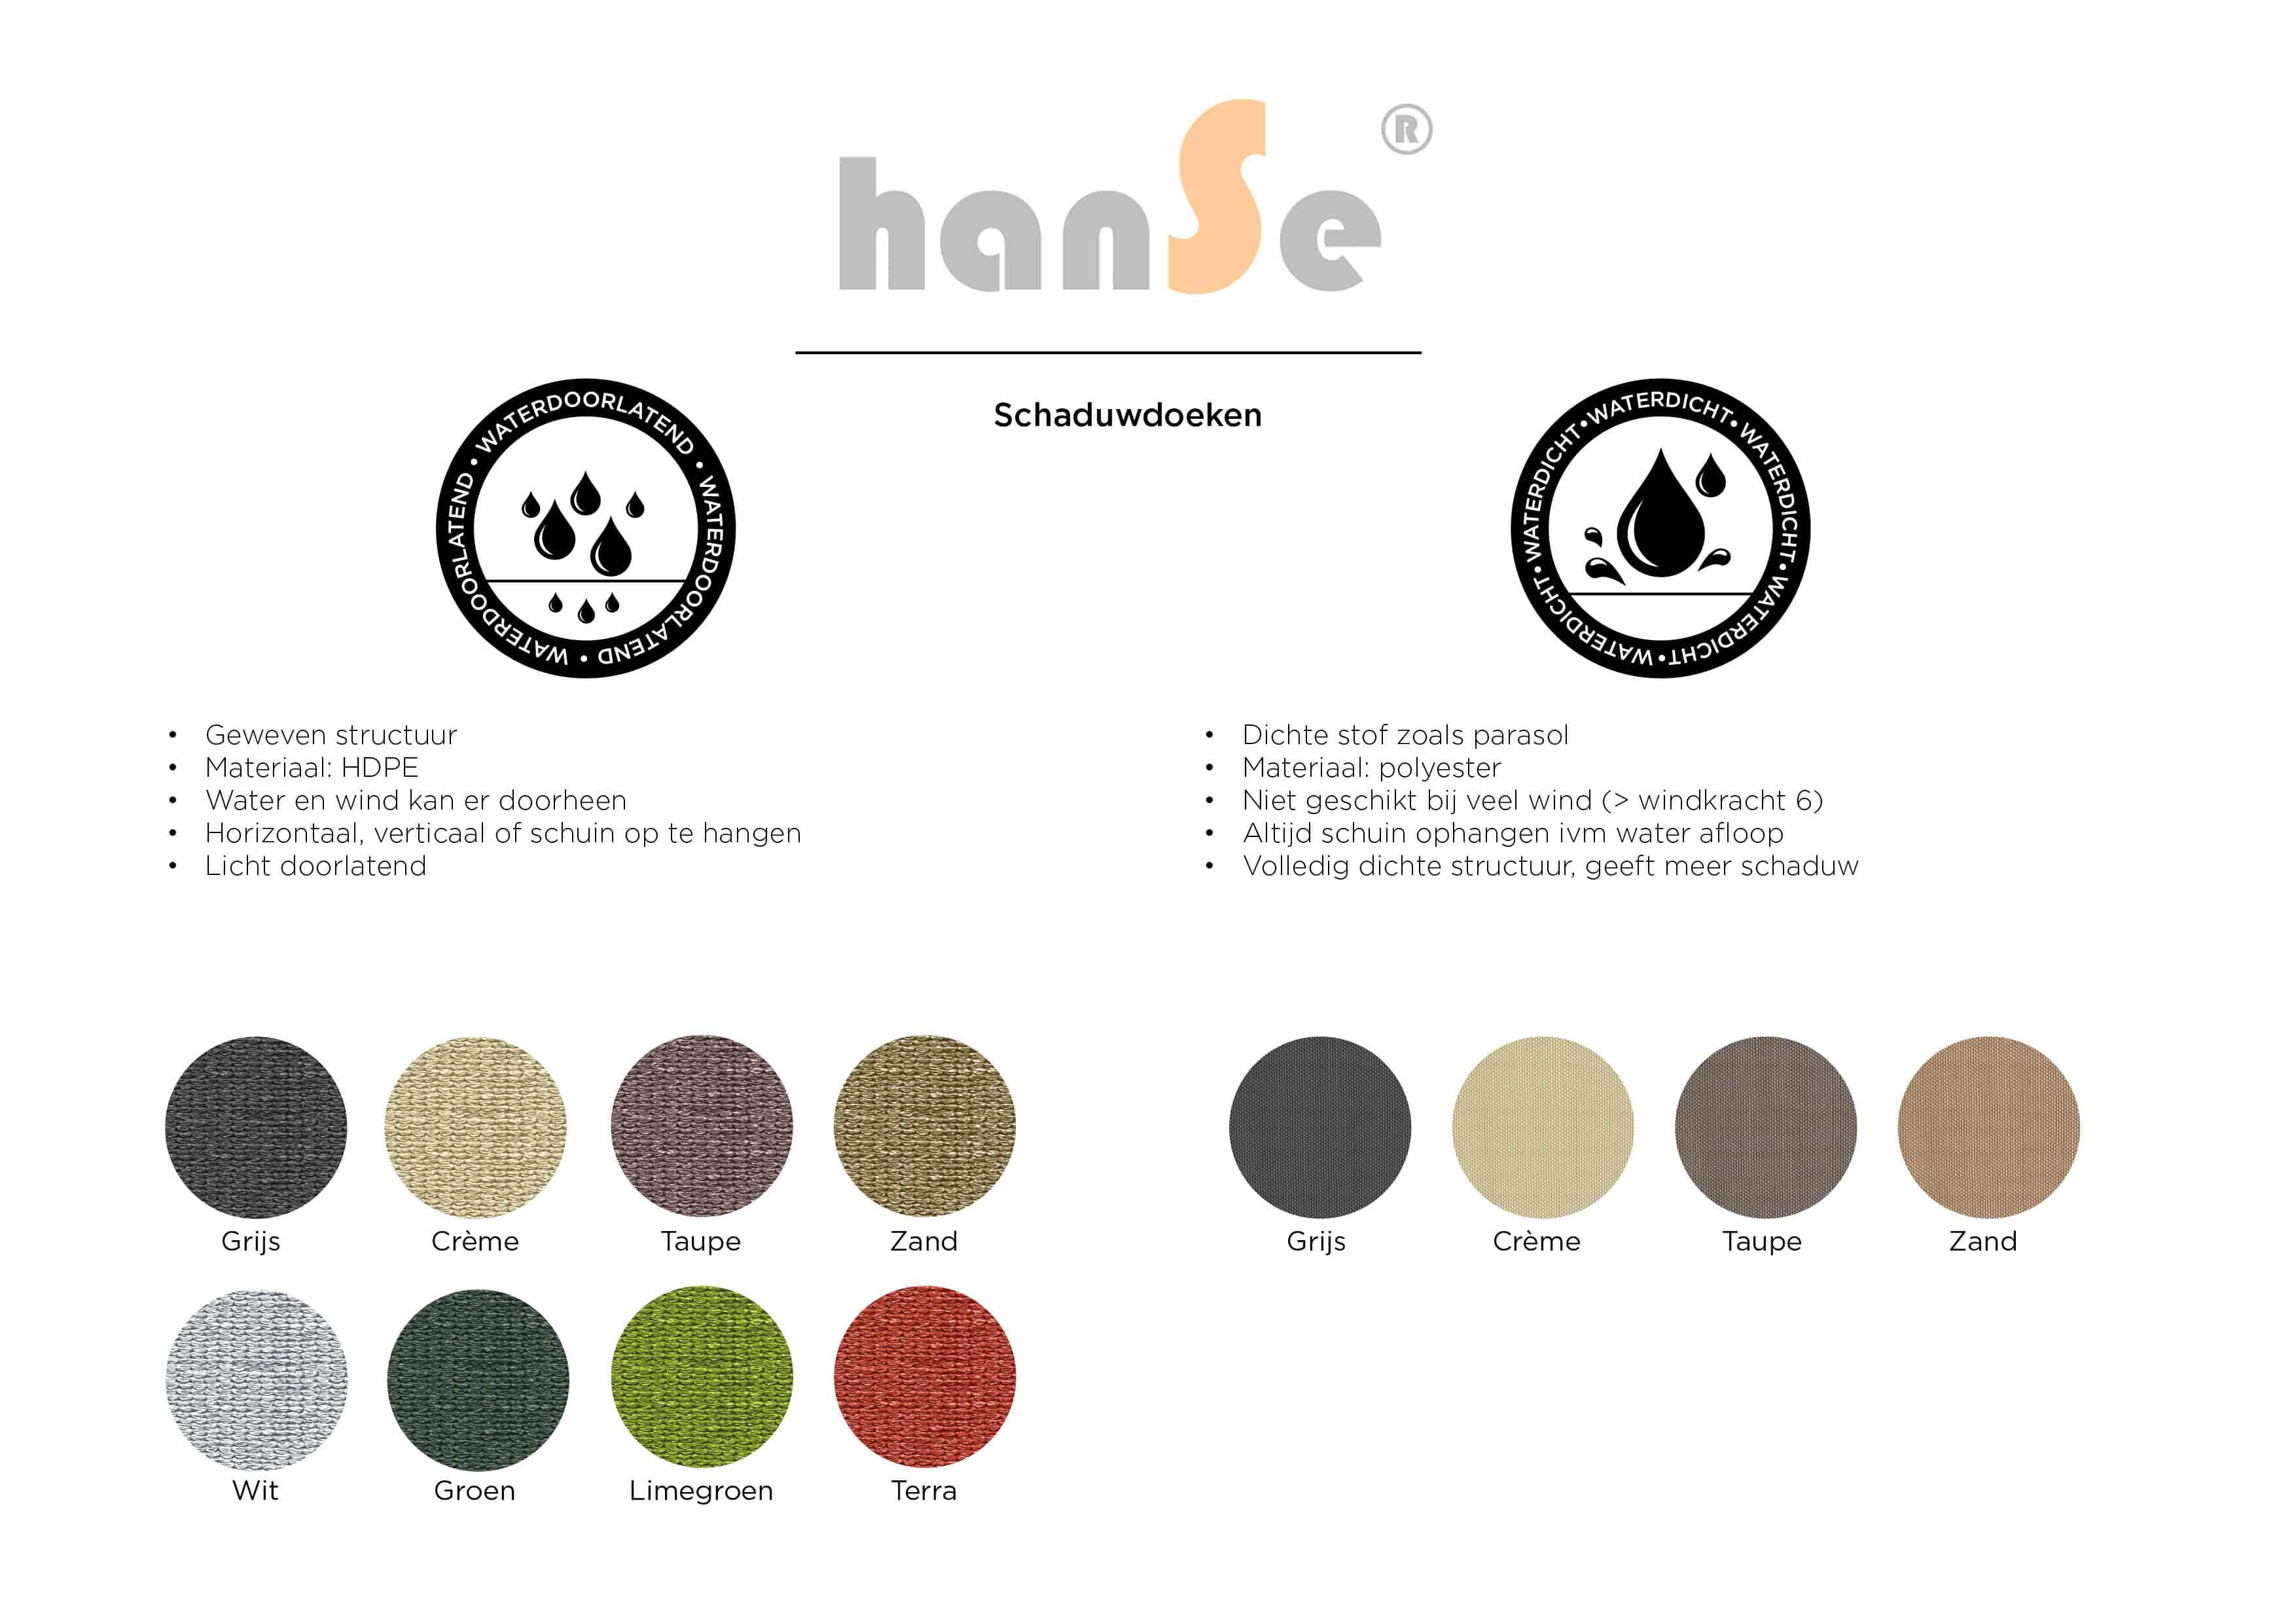 hanSe® Schaduwdoek Driehoek Waterdoorlatend 3x3x3 m - zonnedoek Creme